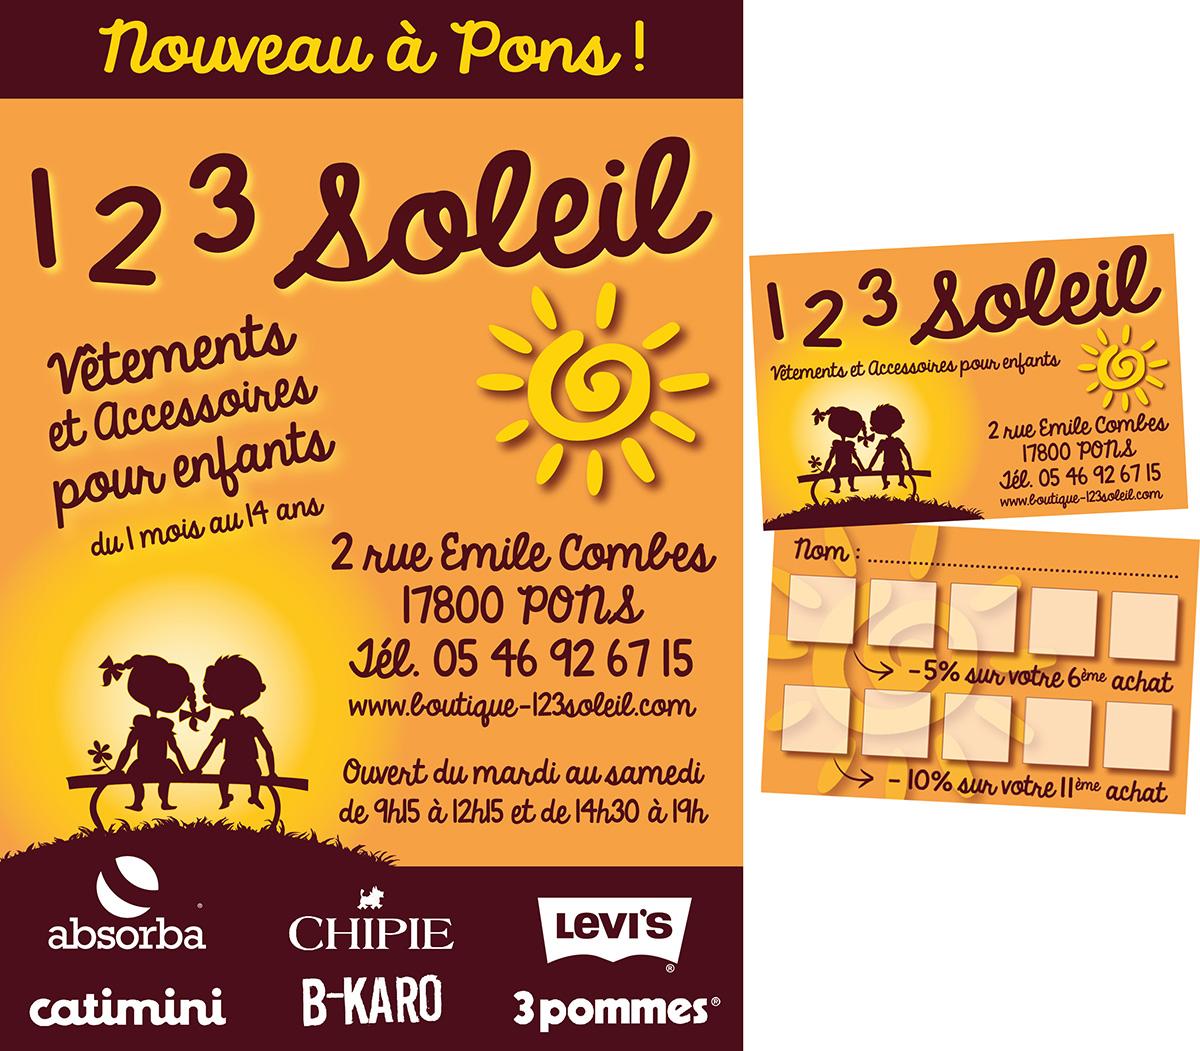 E-magencia - graphiste - 1 2 3 soleil - Flyer et carte de fidélité